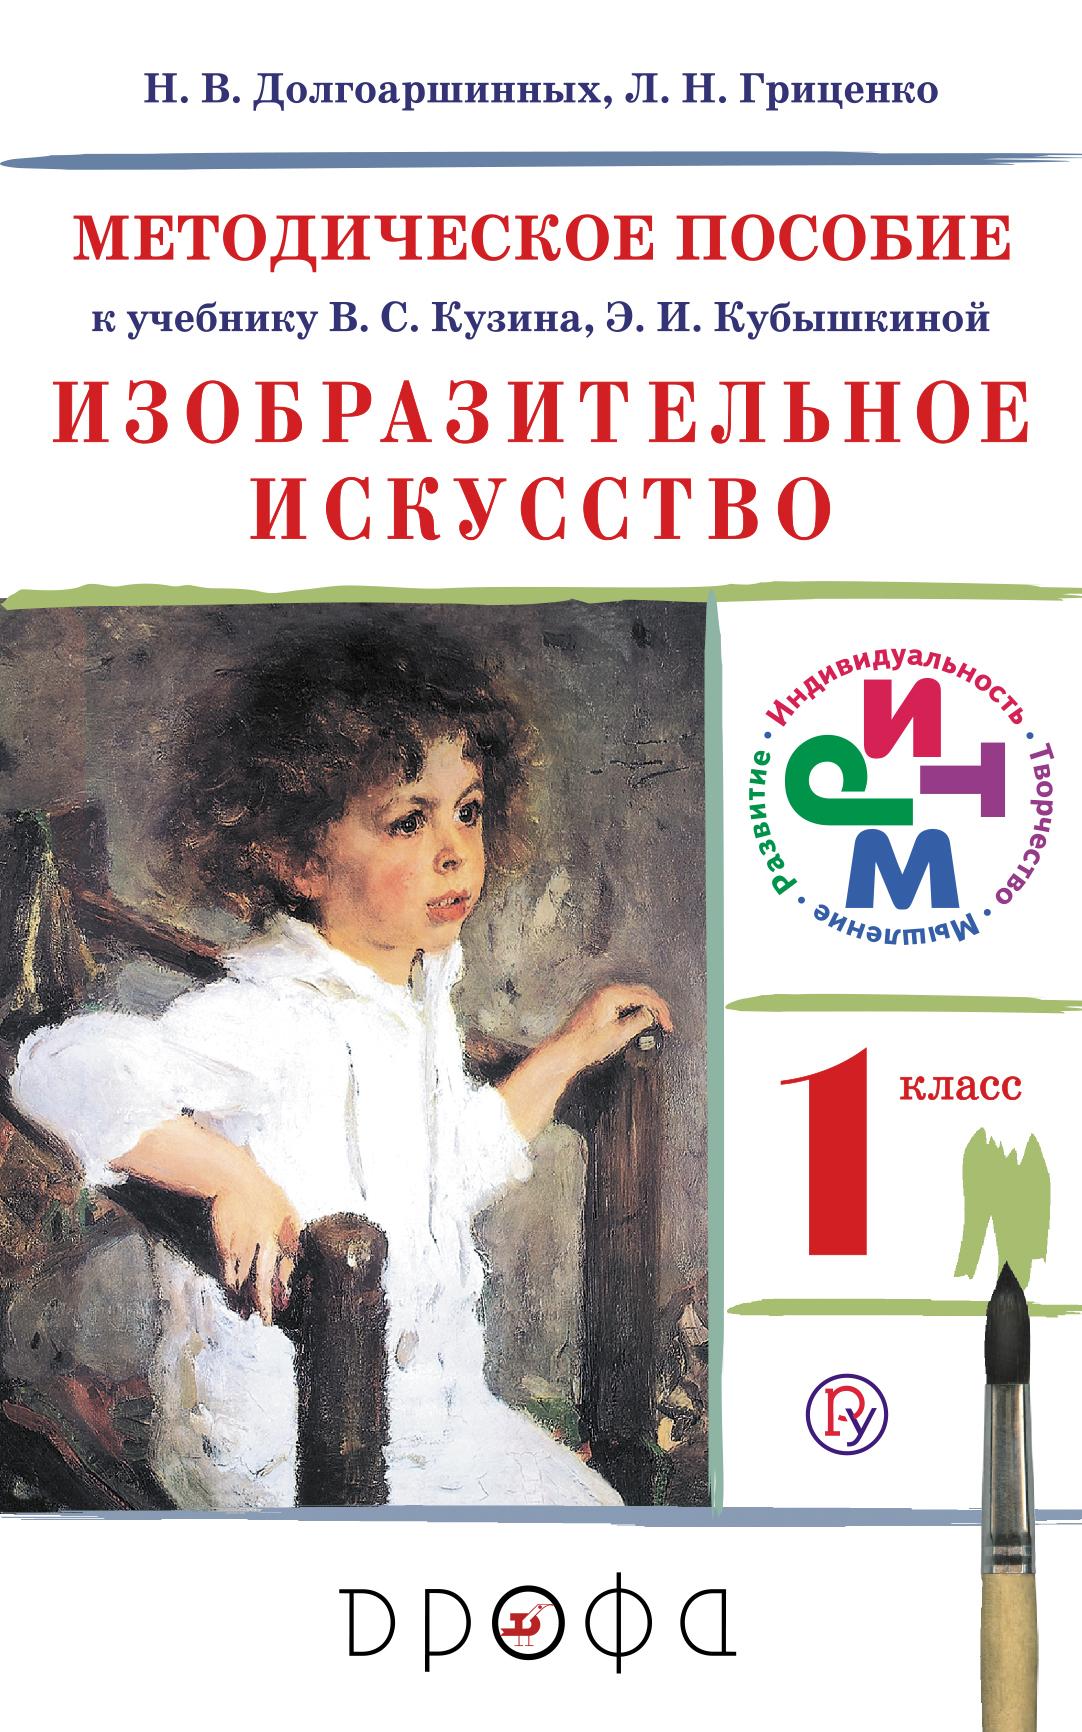 Методическое пособие к учебнику В. С. Кузина, Э. И. Кубышкиной «Изобразительное искусство. 1 класс»